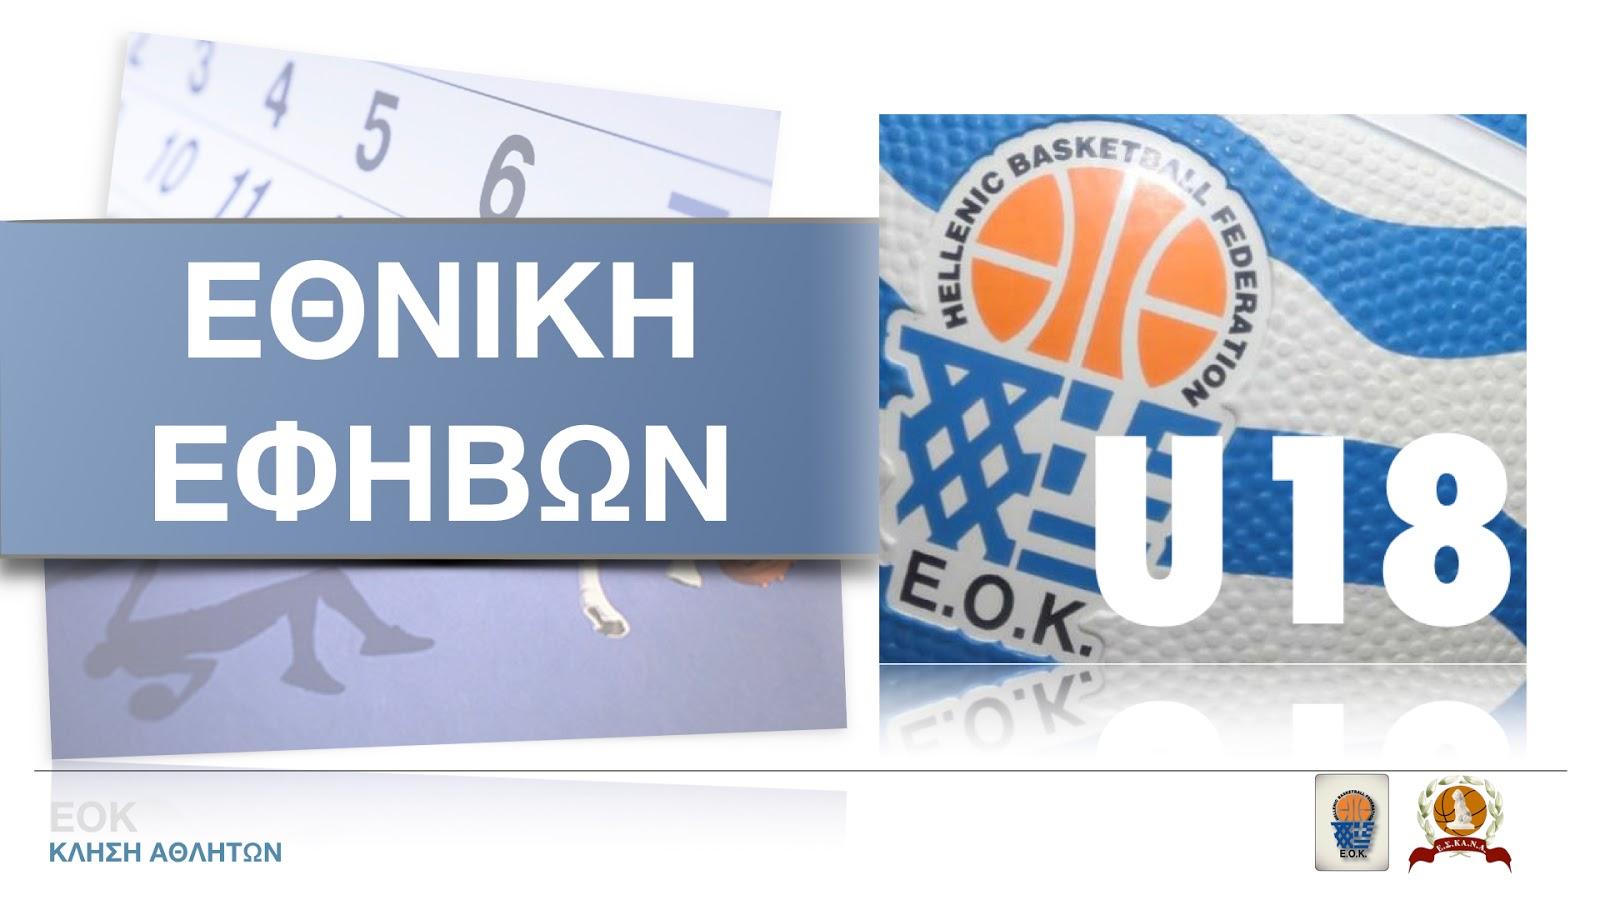 ΕΟΚ | Εθνική Εφήβων: Προπονητικό τριήμερο στο Βόλο (16-18.02.18). Ποιοι αθλητές έχουν κληθεί